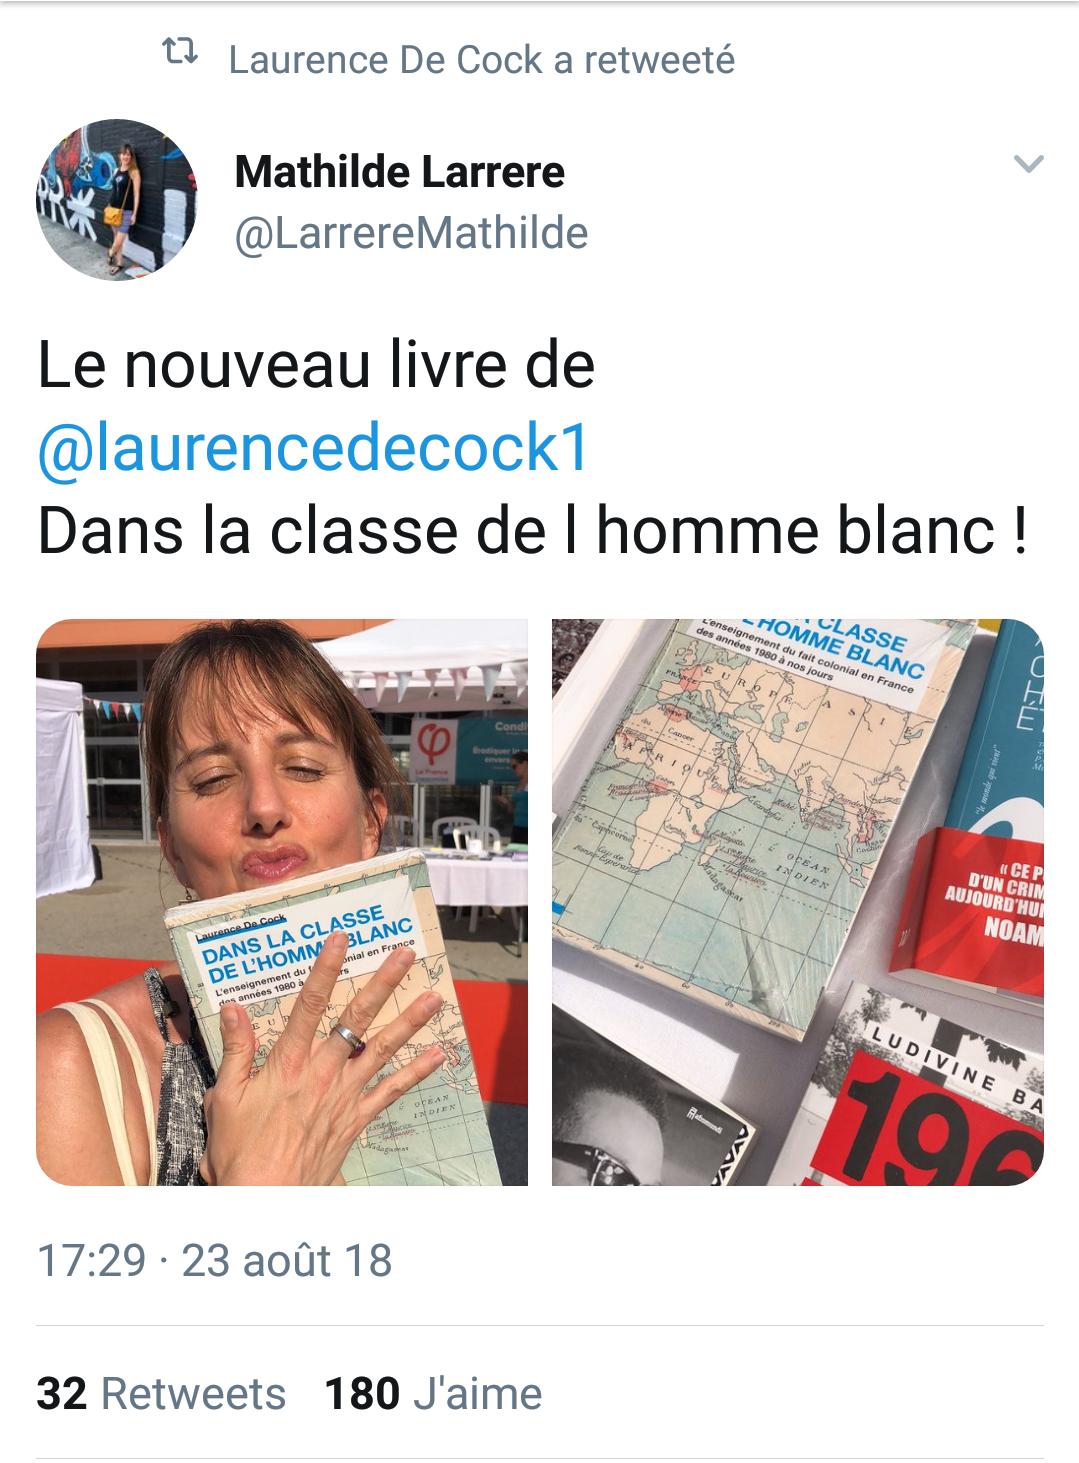 Mathilde-Larrere-embrassant-le-livre-de-de-Cock-univ-France-Insoumise.png